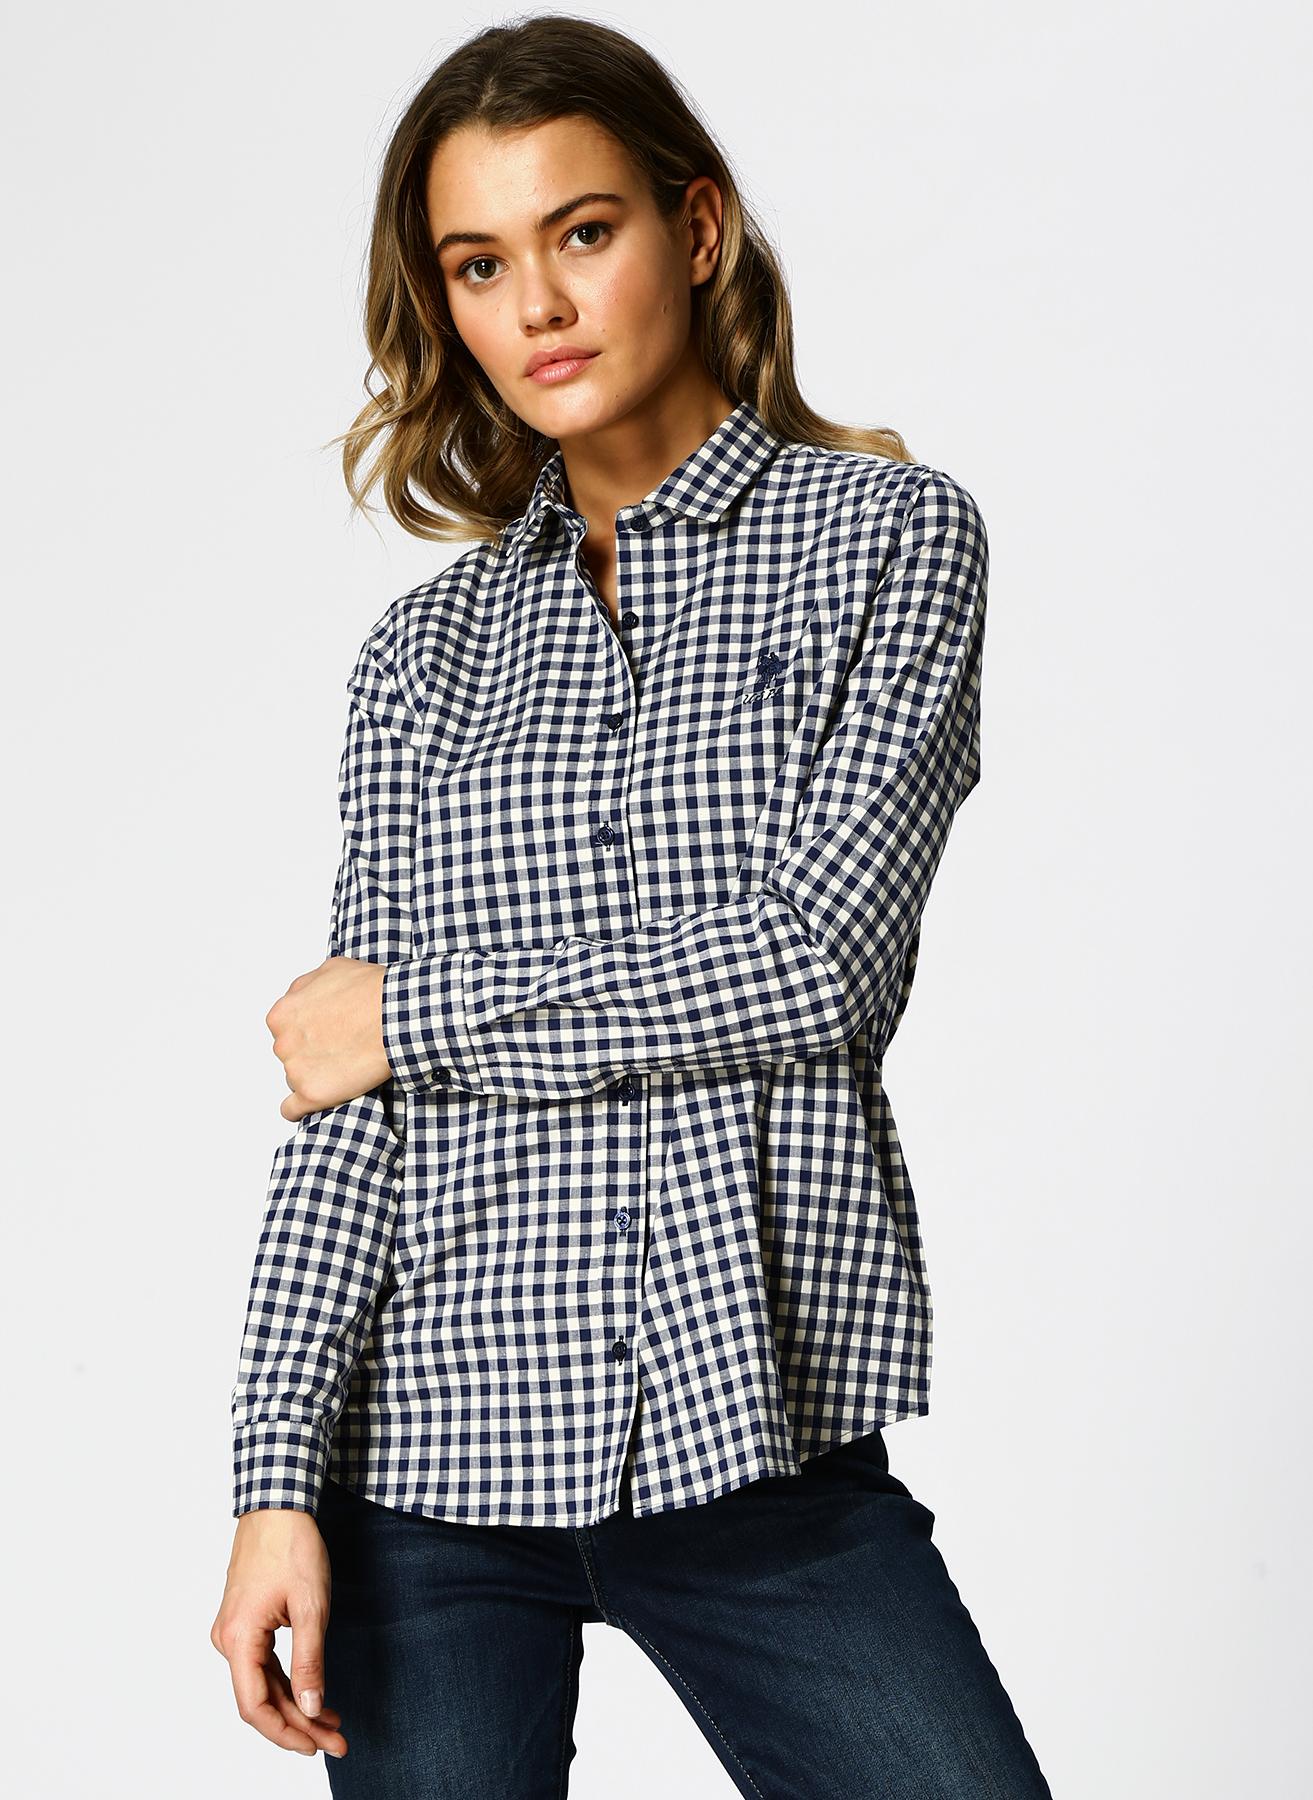 U.S. Polo Assn. Kareli Beyaz-Lacivert Gömlek 40 5002339009003 Ürün Resmi